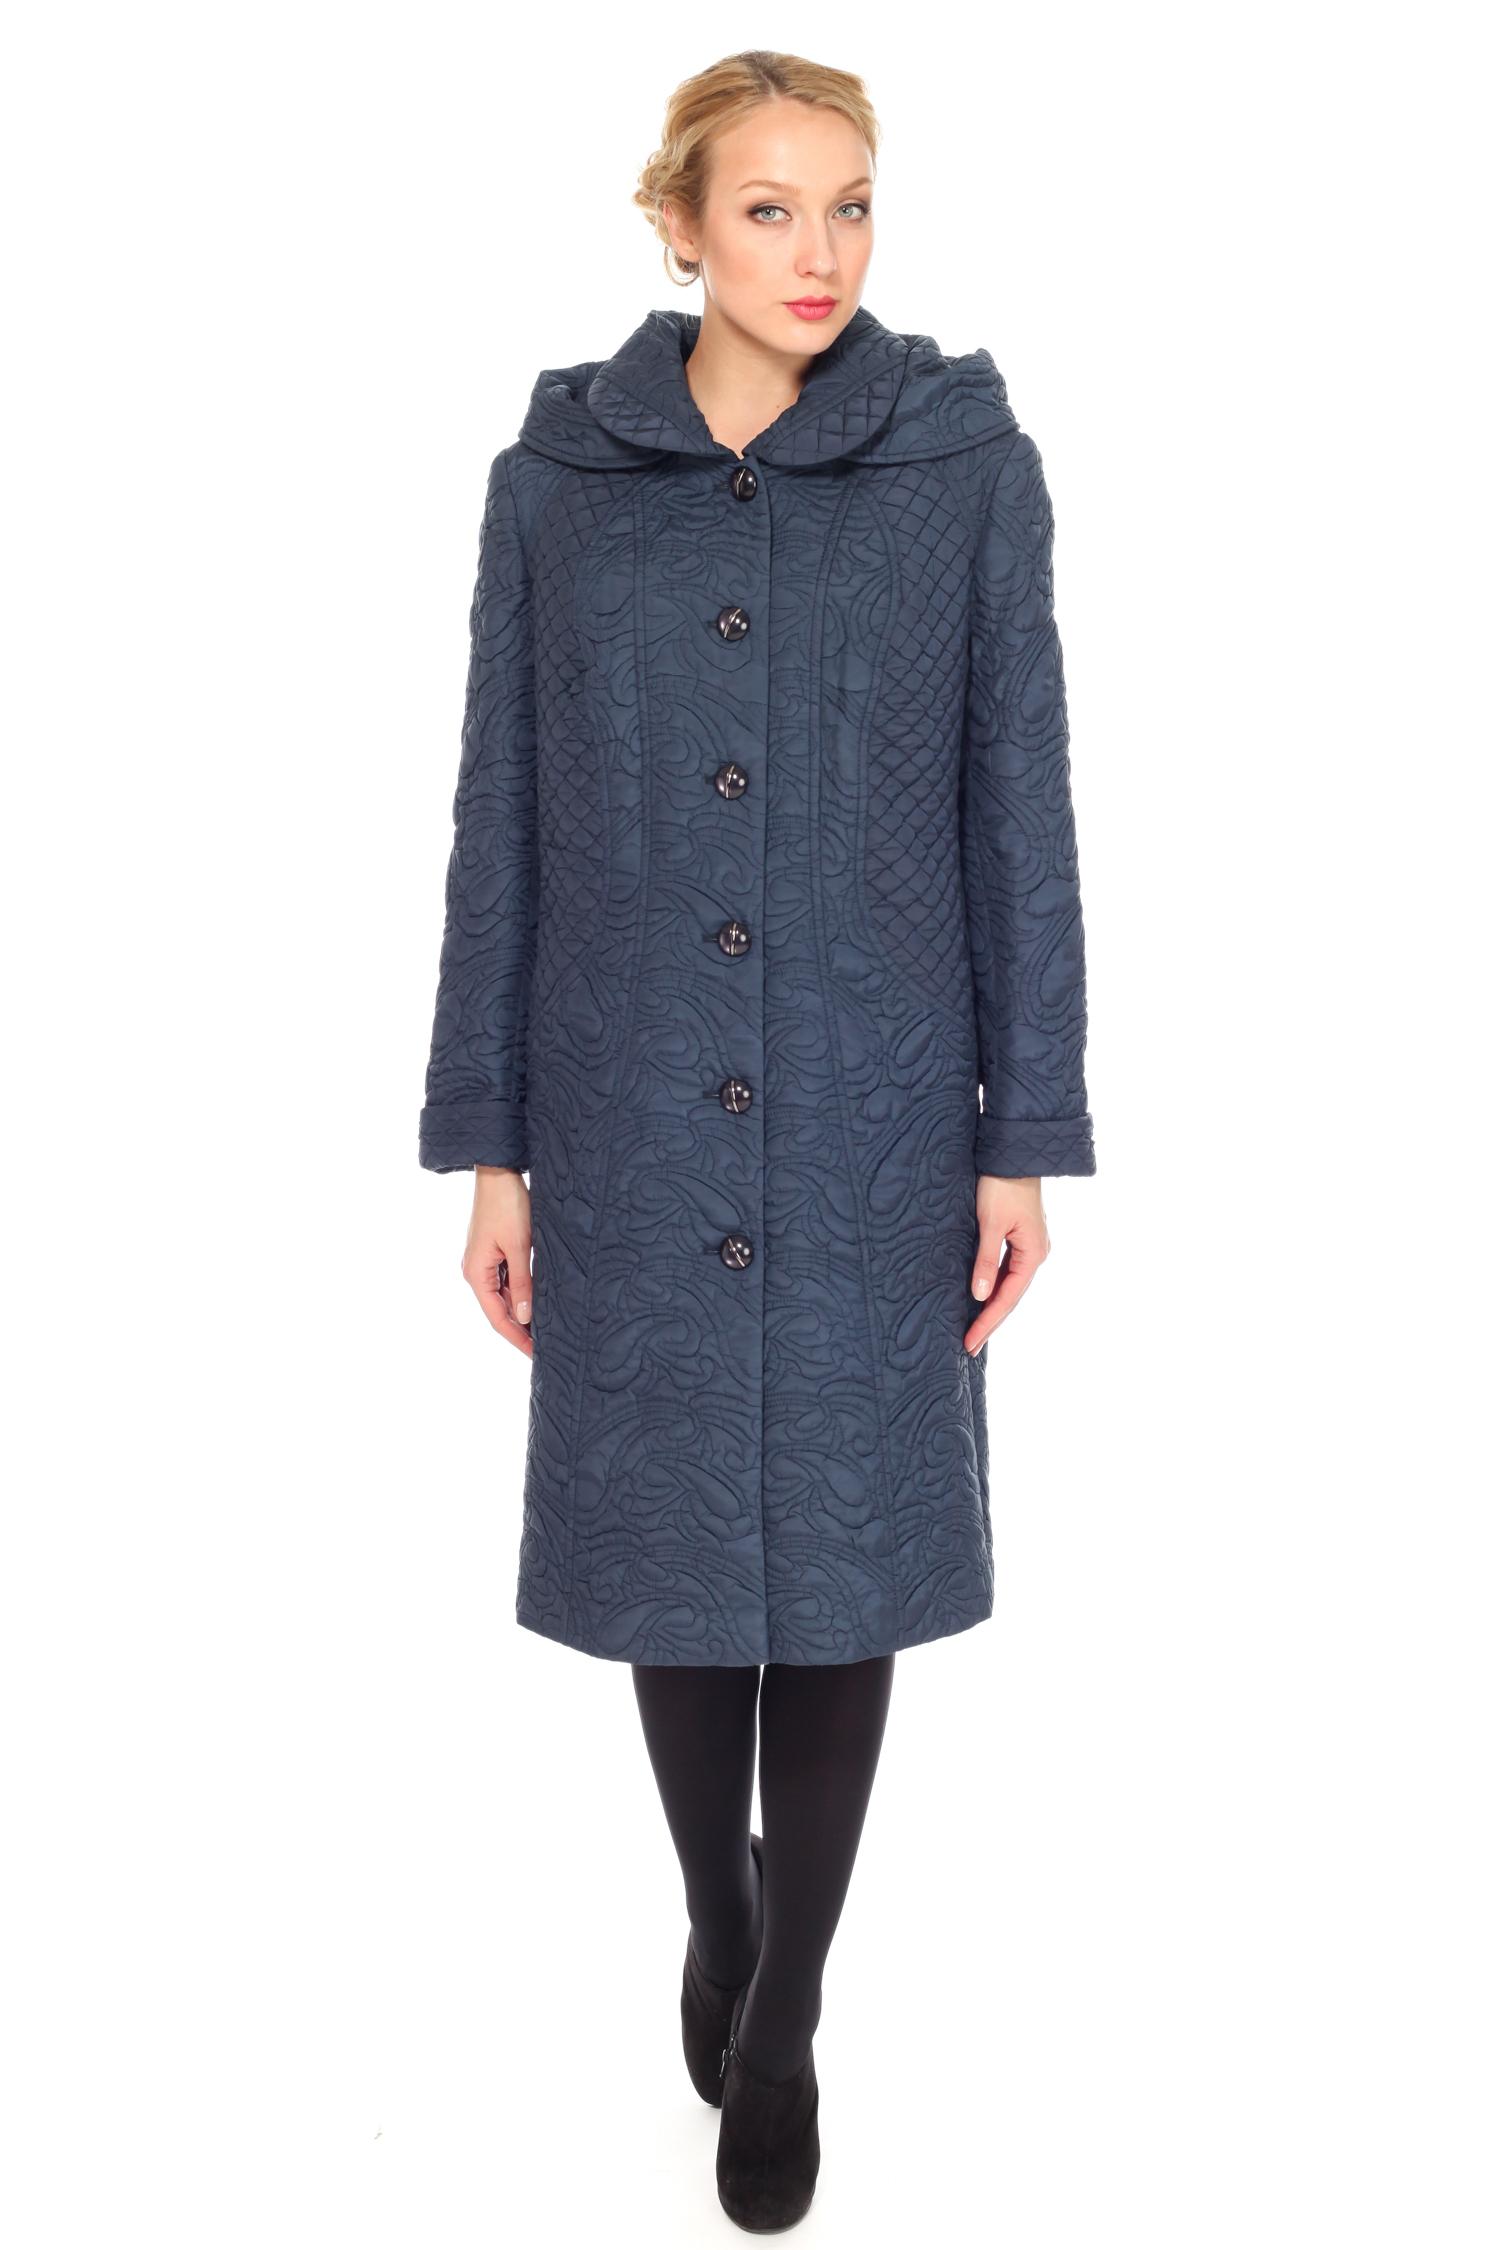 Женское пальто с капюшоном, без отделки от Московская Меховая Компания